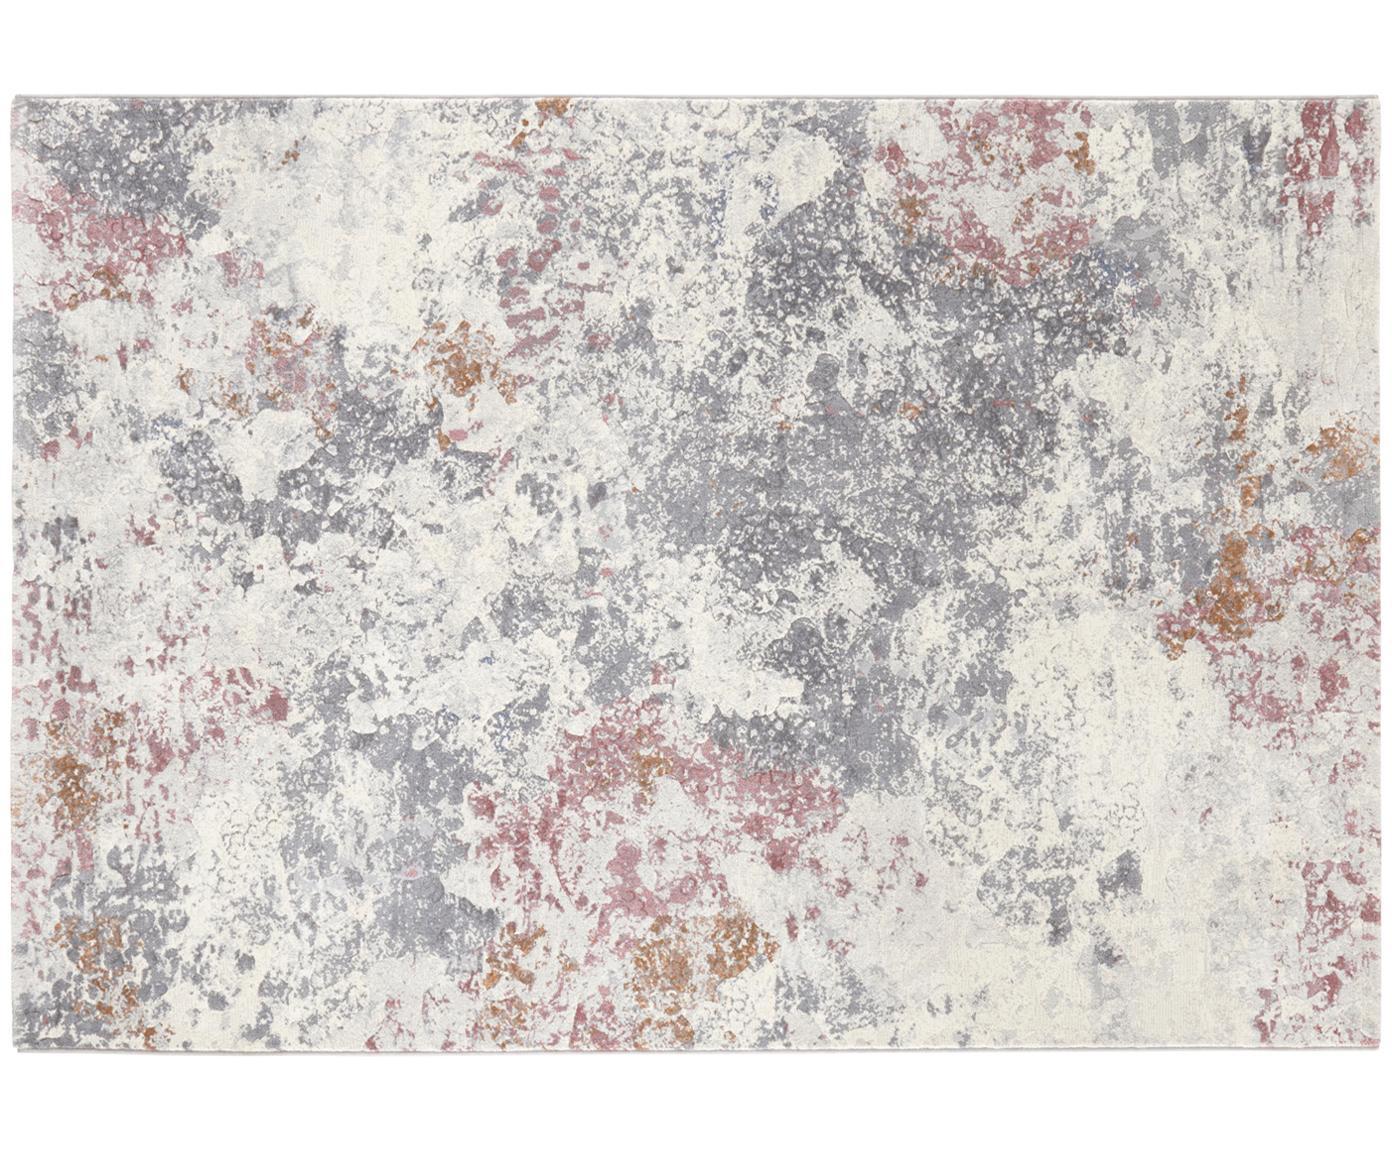 Vloerkleed Fontaine, Bovenzijde: polypropyleen, Onderzijde: jute, Crèmekleurig, grijs, frambooskleurig, 120 x 170 cm